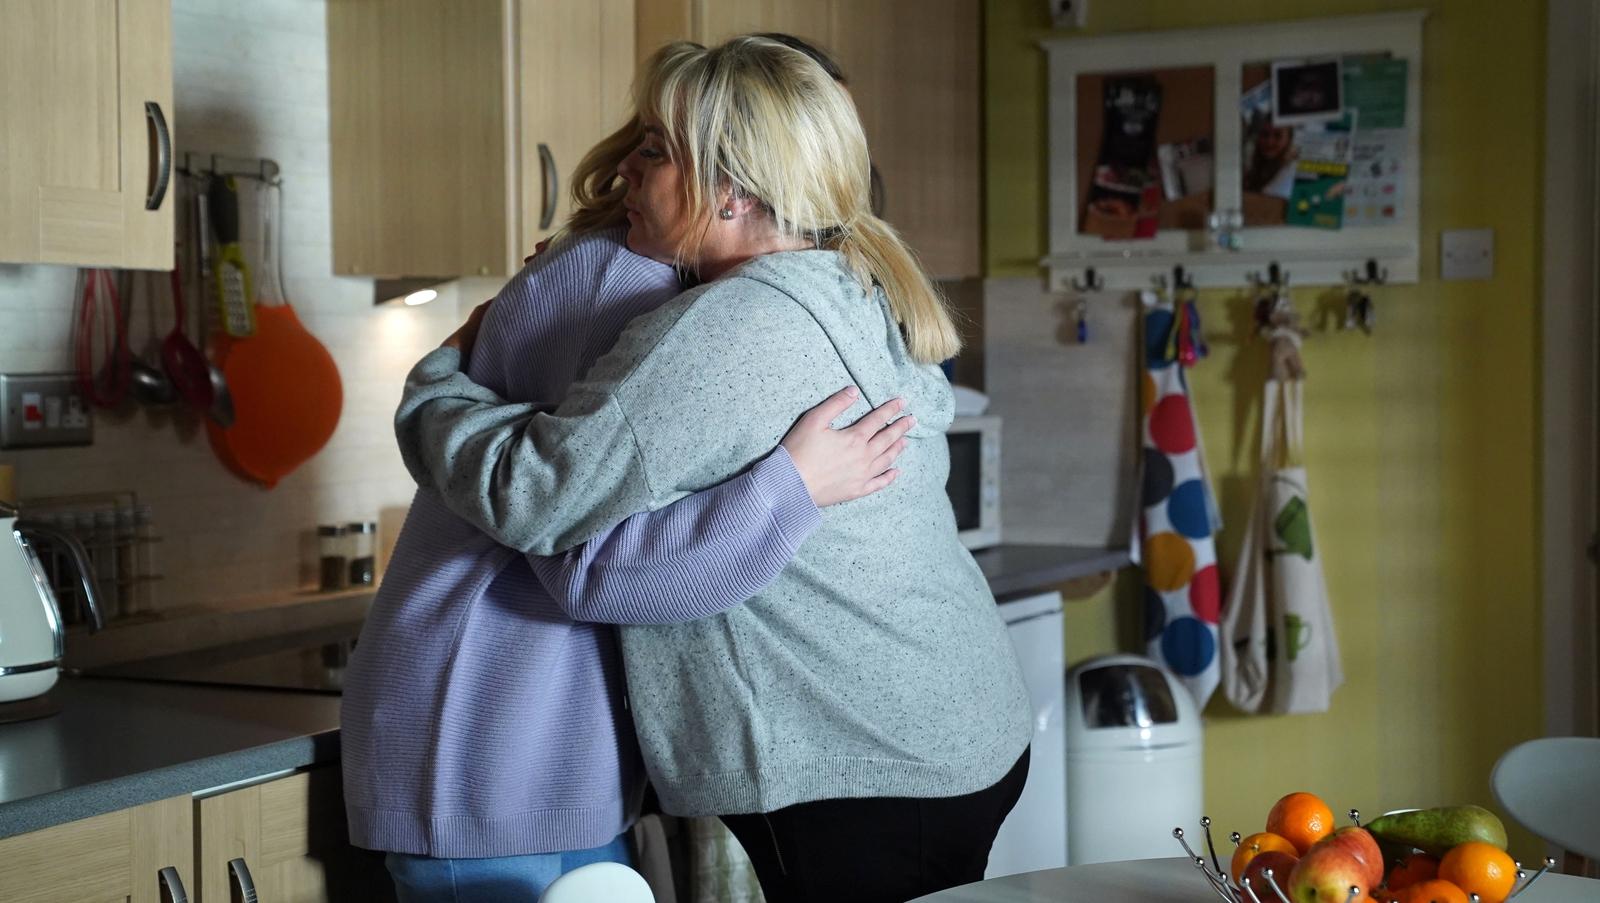 EastEnders tees up Tuesday night tenderness - RTE.ie